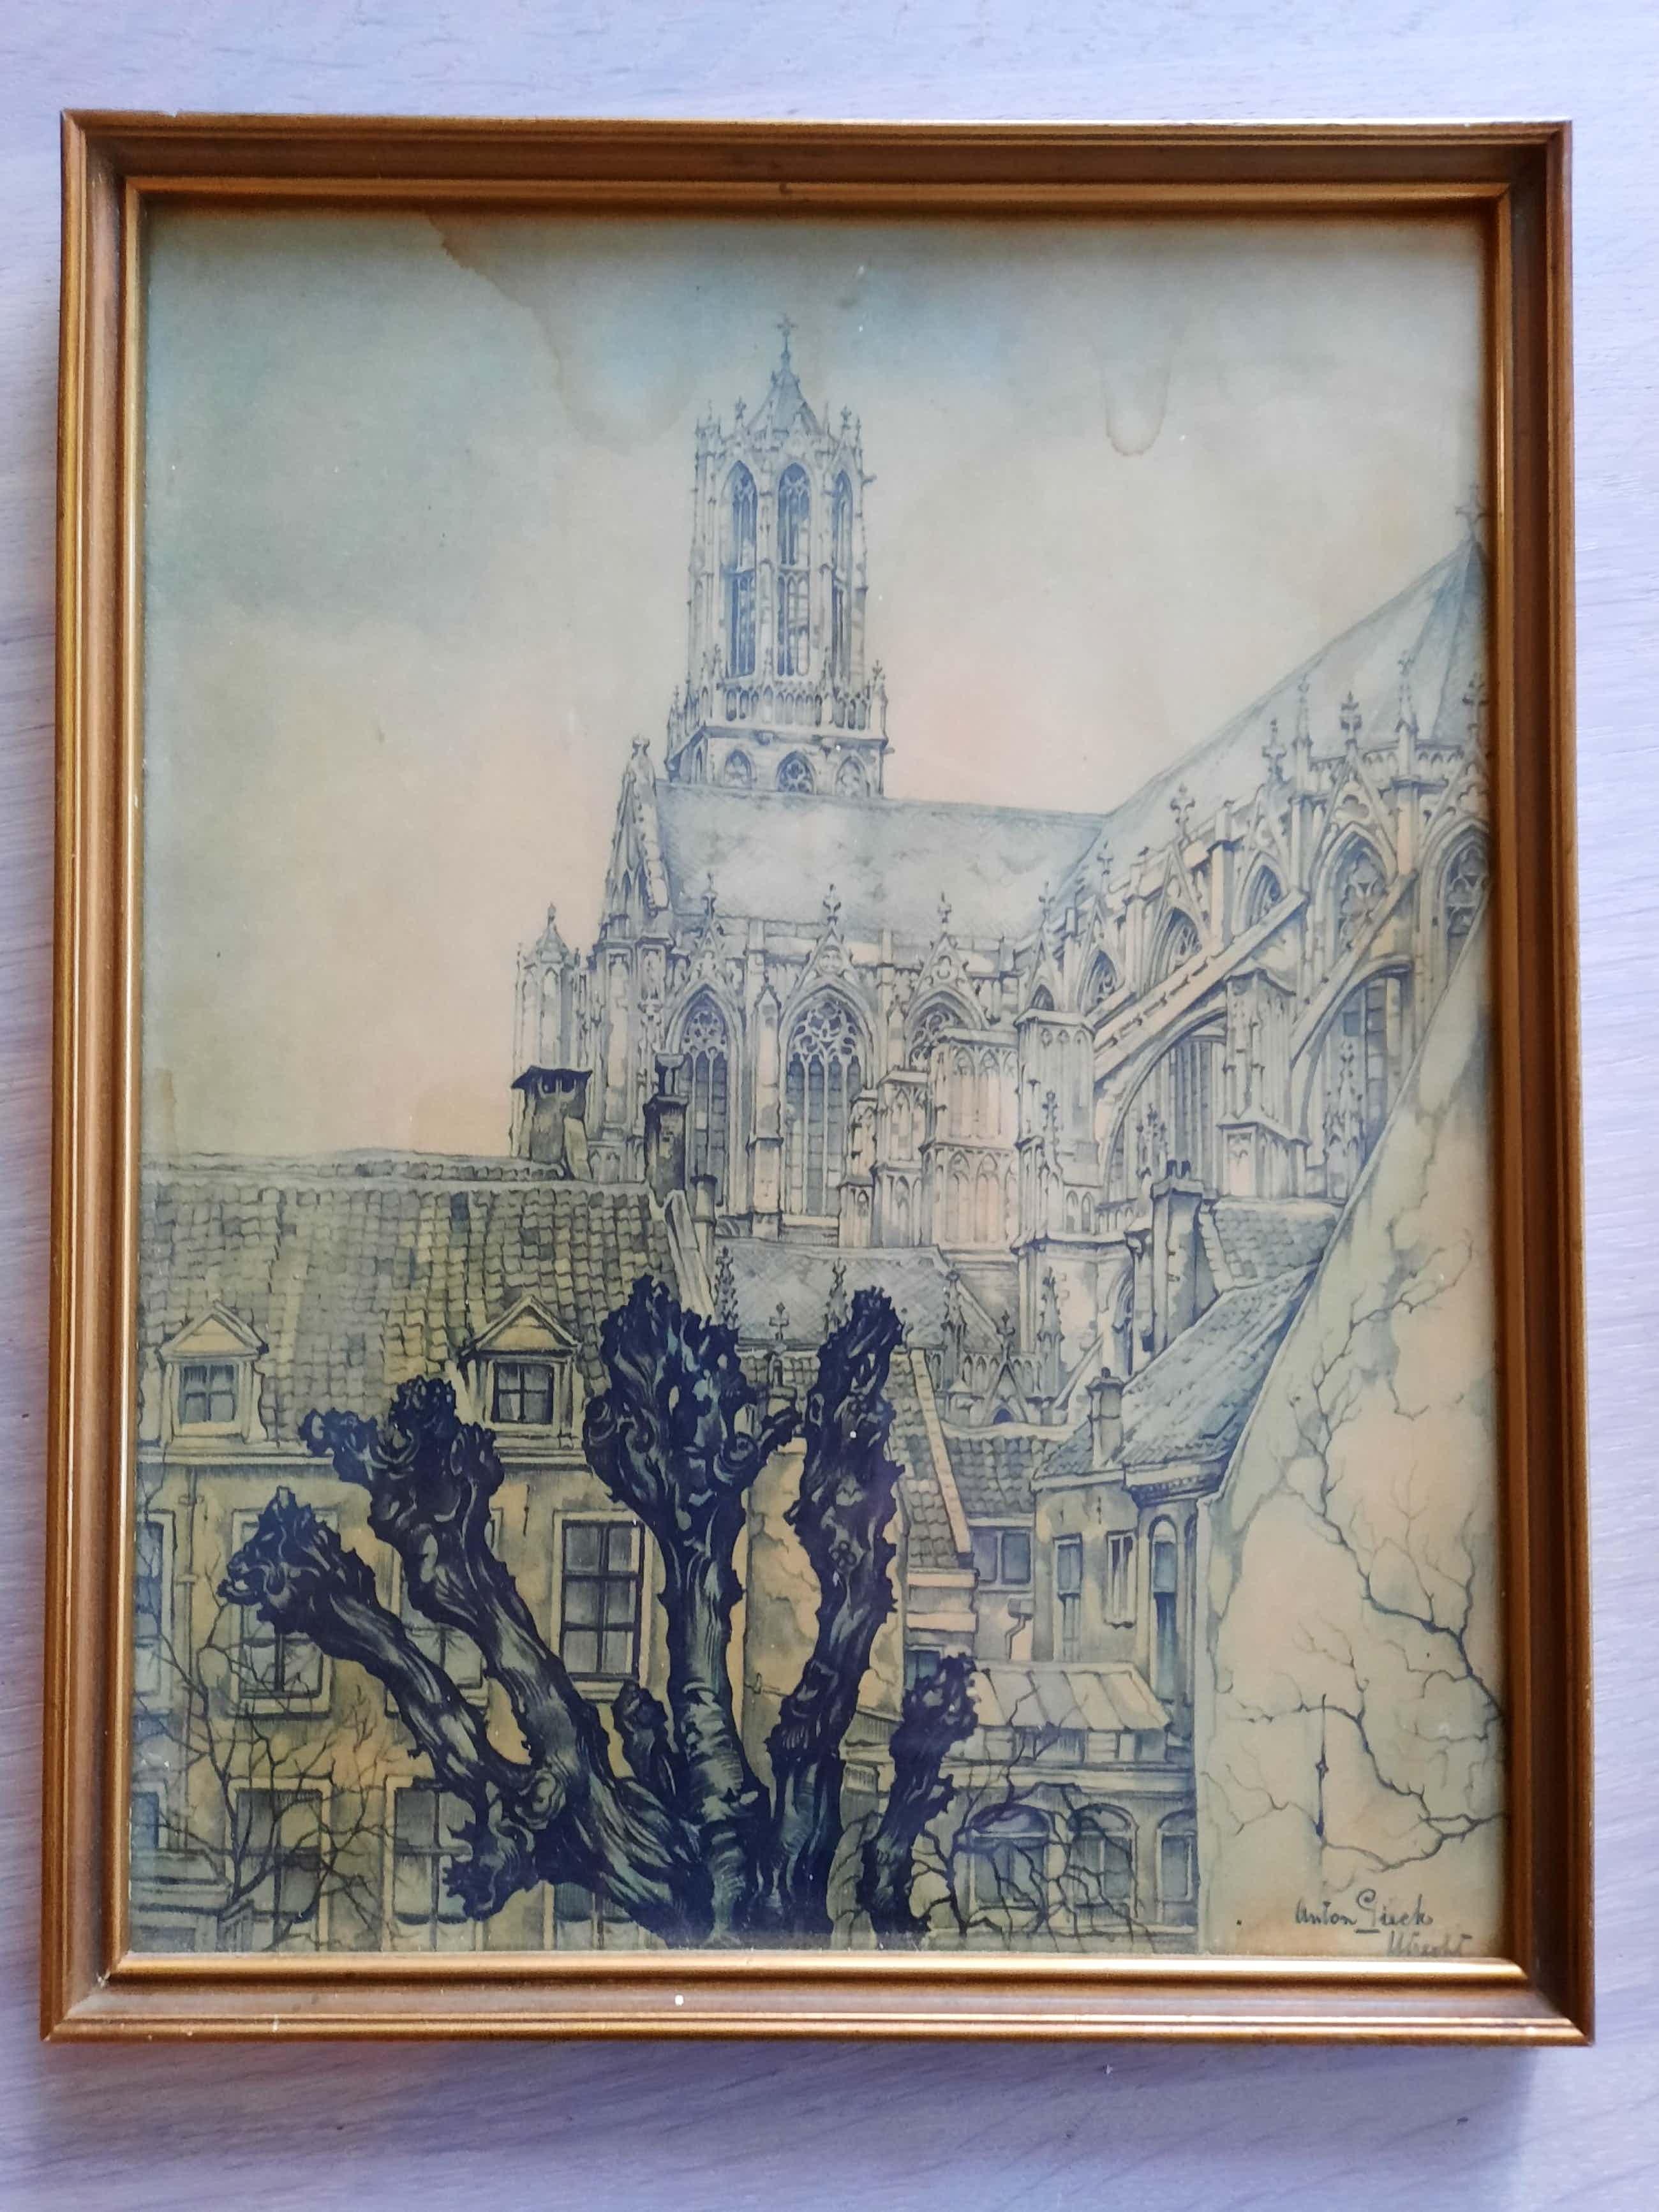 Anton Pieck - Dom Utrecht kopen? Bied vanaf 60!